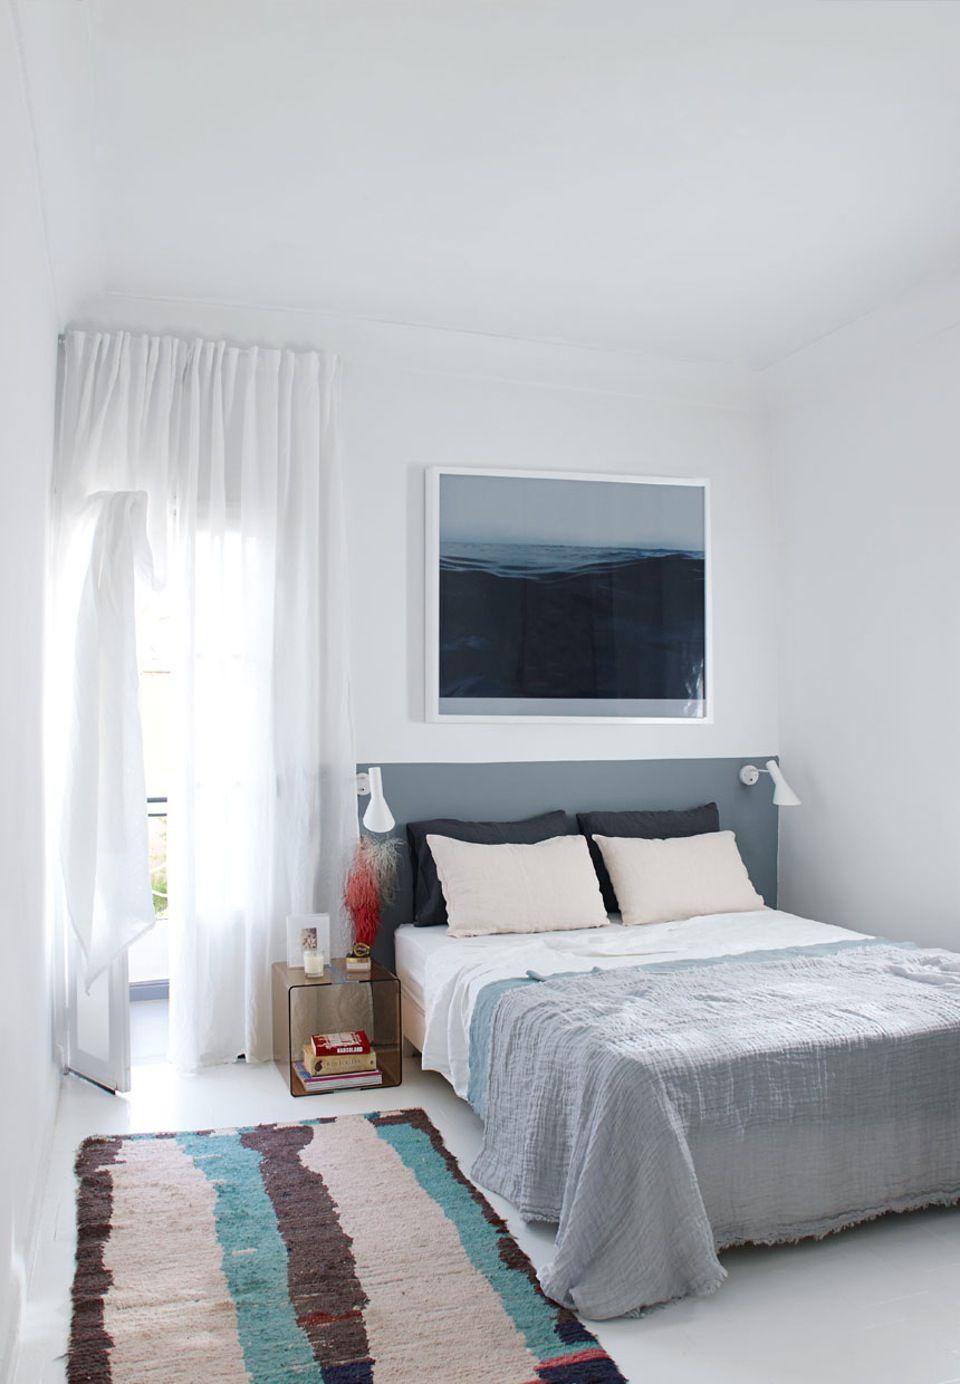 Bedroom in calm tones